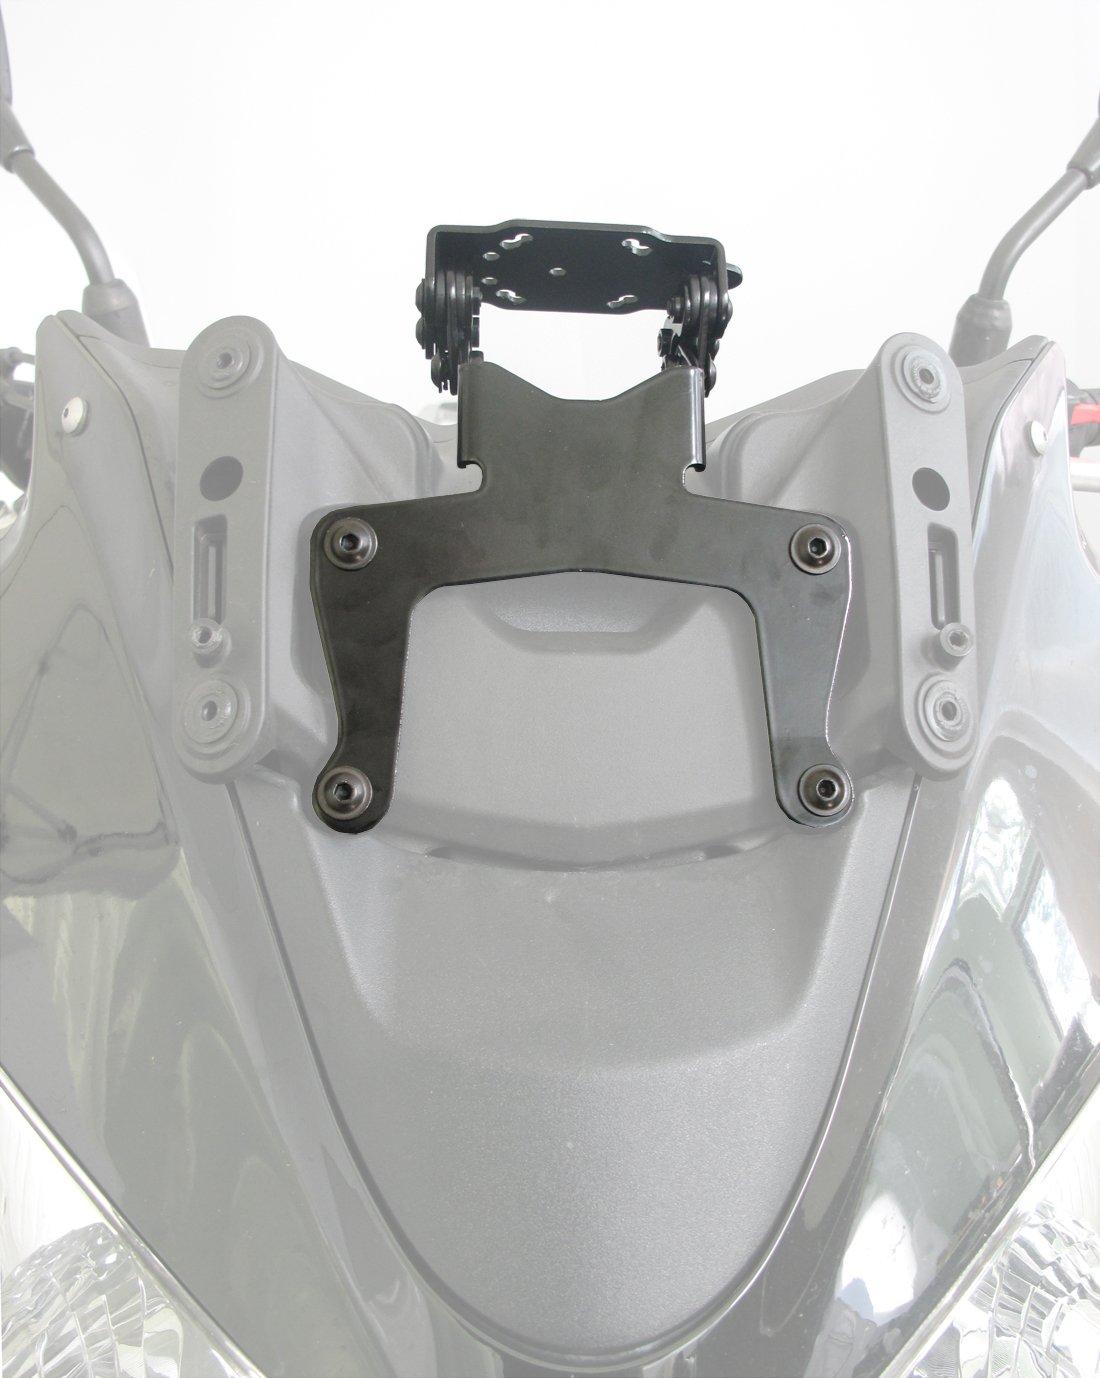 SW-MOTECH Vibration-Damped GPS Holder for Suzuki DL1000 '04-'13 & DL650 V-Strom '04-'11